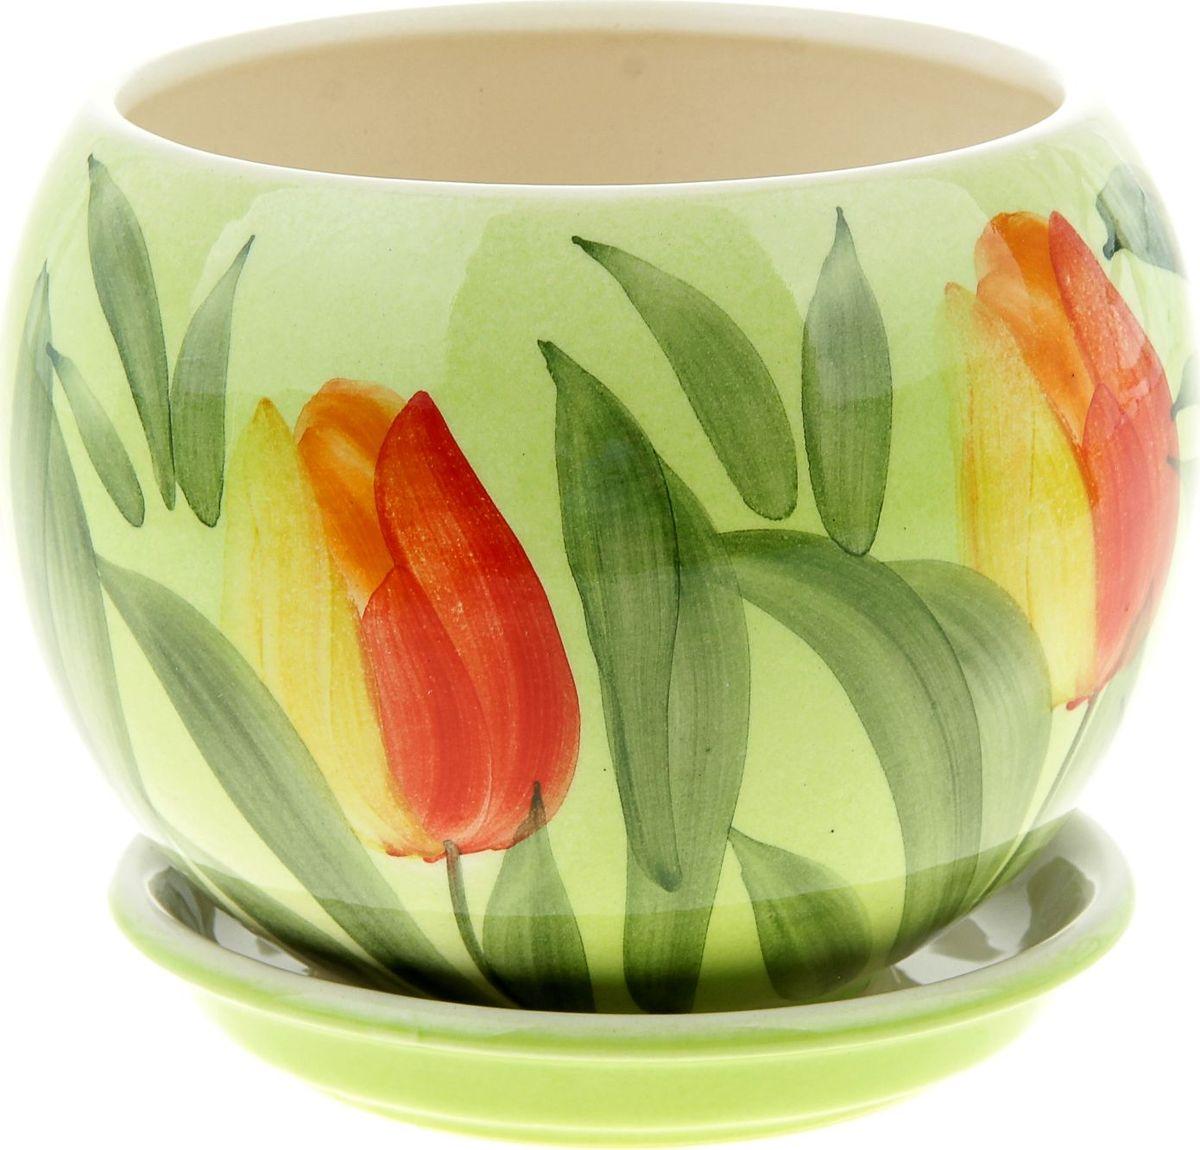 Кашпо Керамика ручной работы Шар. Тюльпан, цвет: красный, 1,4 л835643Комнатные растения — всеобщие любимцы. Они радуют глаз, насыщают помещение кислородом и украшают пространство. Каждому из них необходим свой удобный и красивый дом. Кашпо из керамики прекрасно подходят для высадки растений: за счёт пластичности глины и разных способов обработки существует великое множество форм и дизайновпористый материал позволяет испаряться лишней влагевоздух, необходимый для дыхания корней, проникает сквозь керамические стенки! #name# позаботится о зелёном питомце, освежит интерьер и подчеркнёт его стиль.